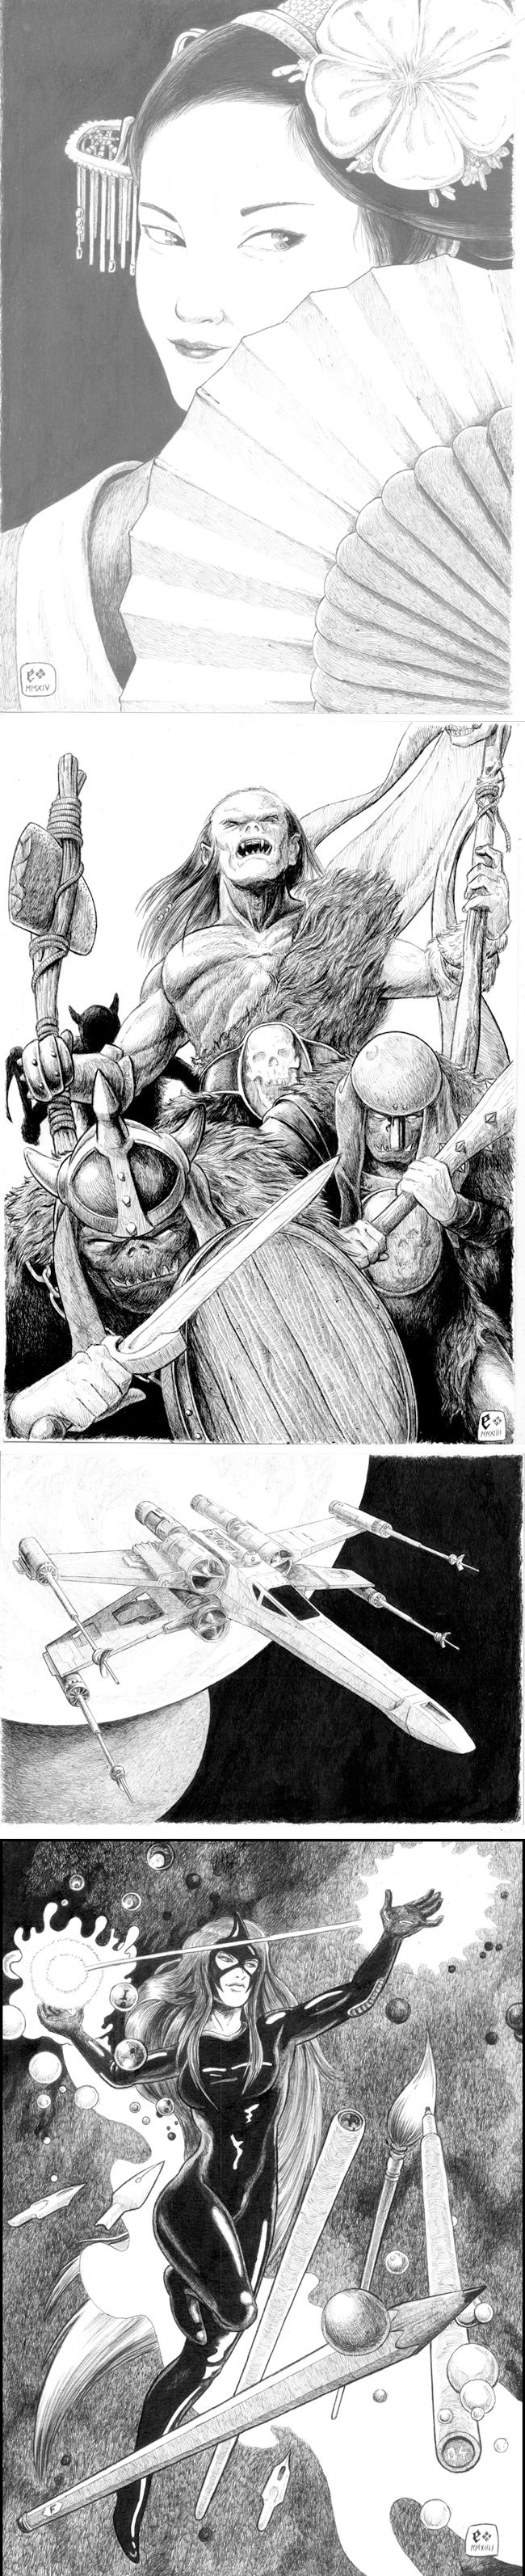 nuevos-trabajos-juan-espadas-madrid-comic-dibujo-ilustracion-carboncillo-aguada-acuarela